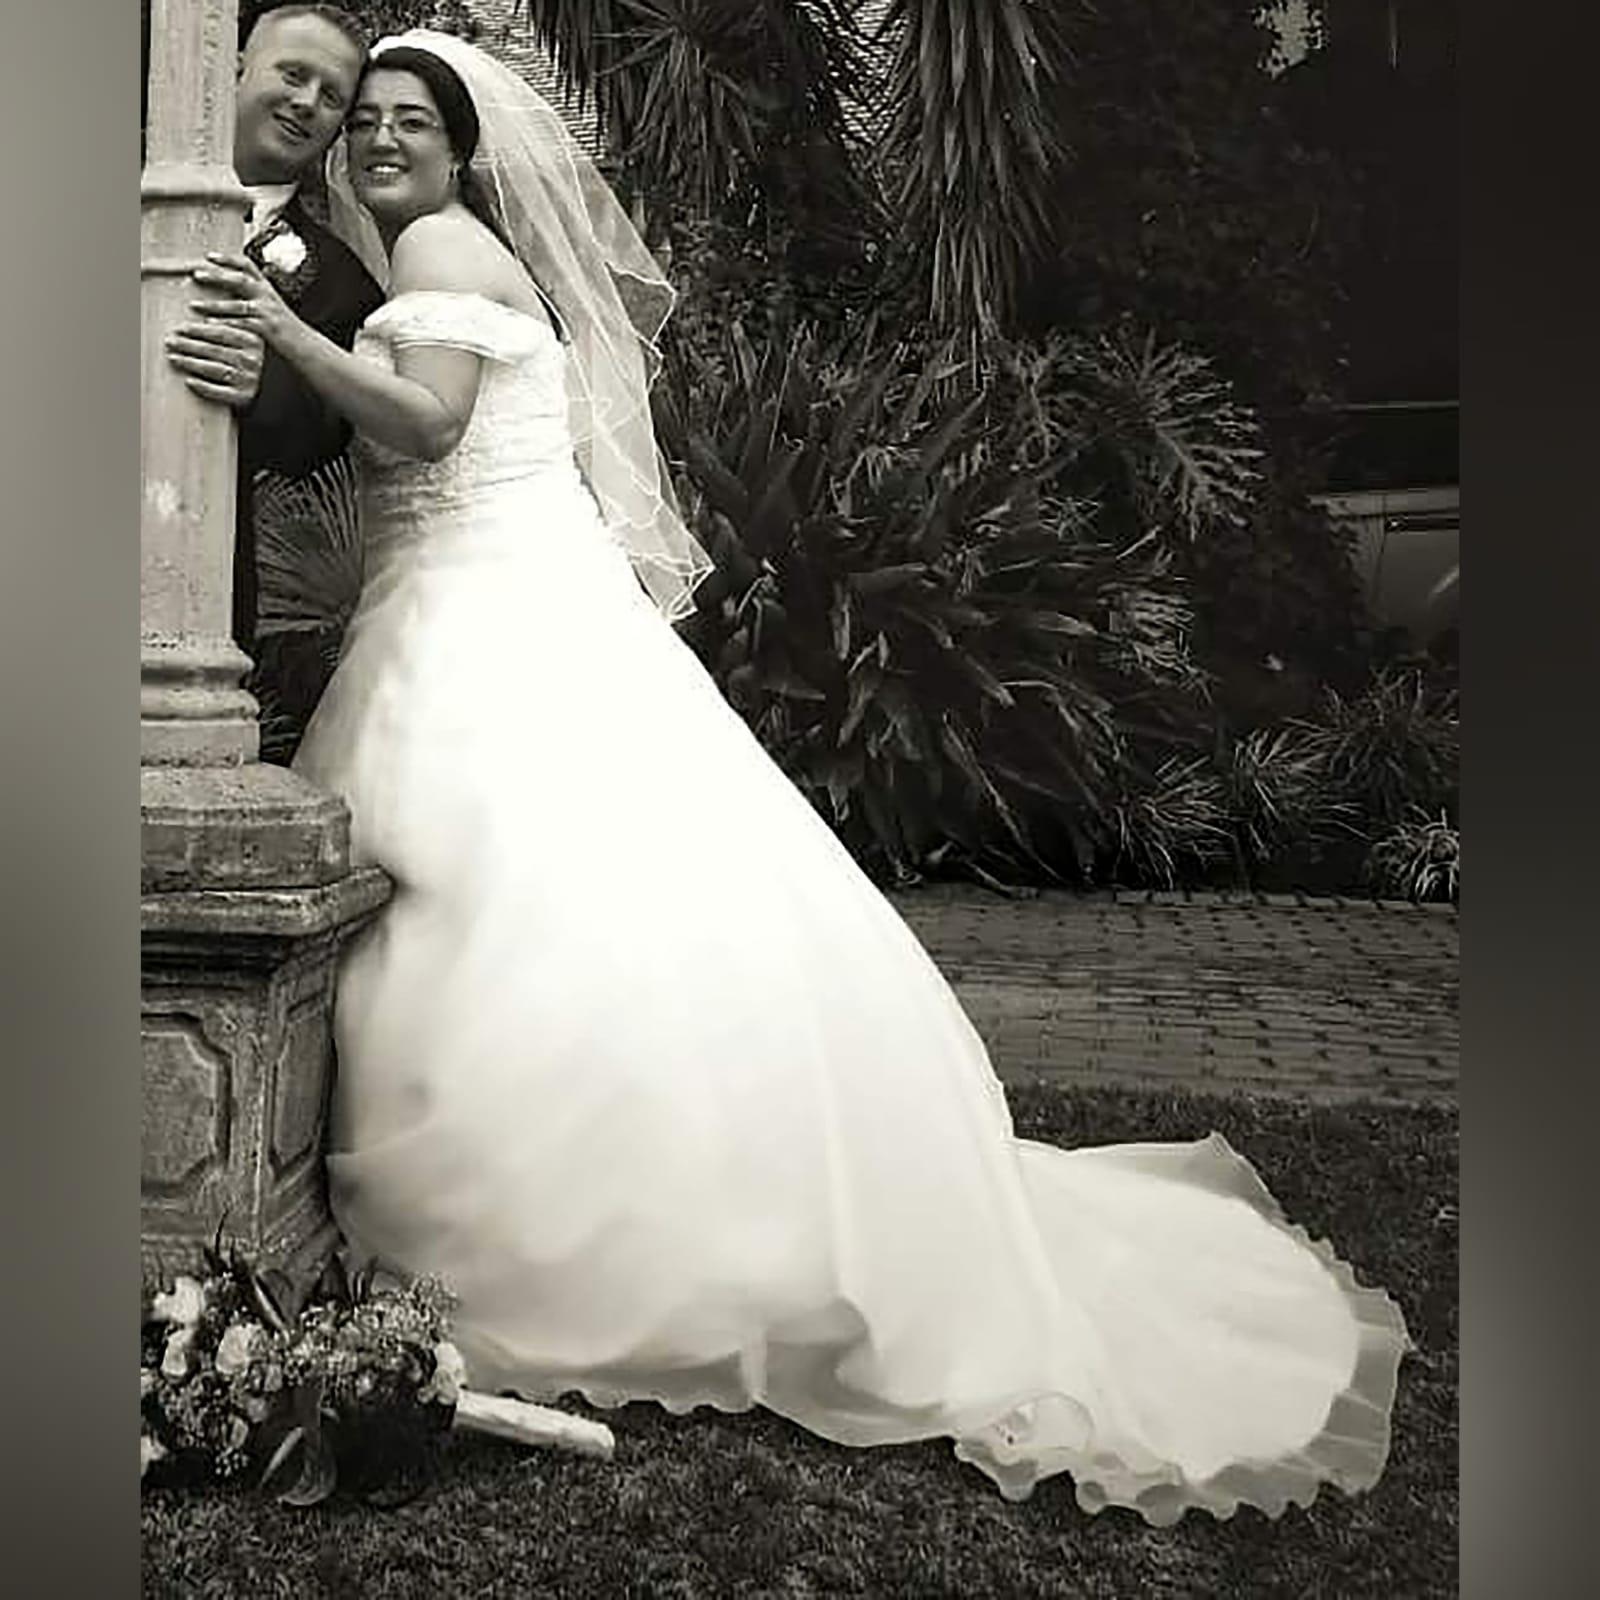 Organza vestido de noiva branco 1 vestido de baile de casamento branco de organza, sem ombros. Corpete detalhado com renda. De costas com cordões. Com um cauda e ombro organza plissada detalhadas com rendas. Com véu.